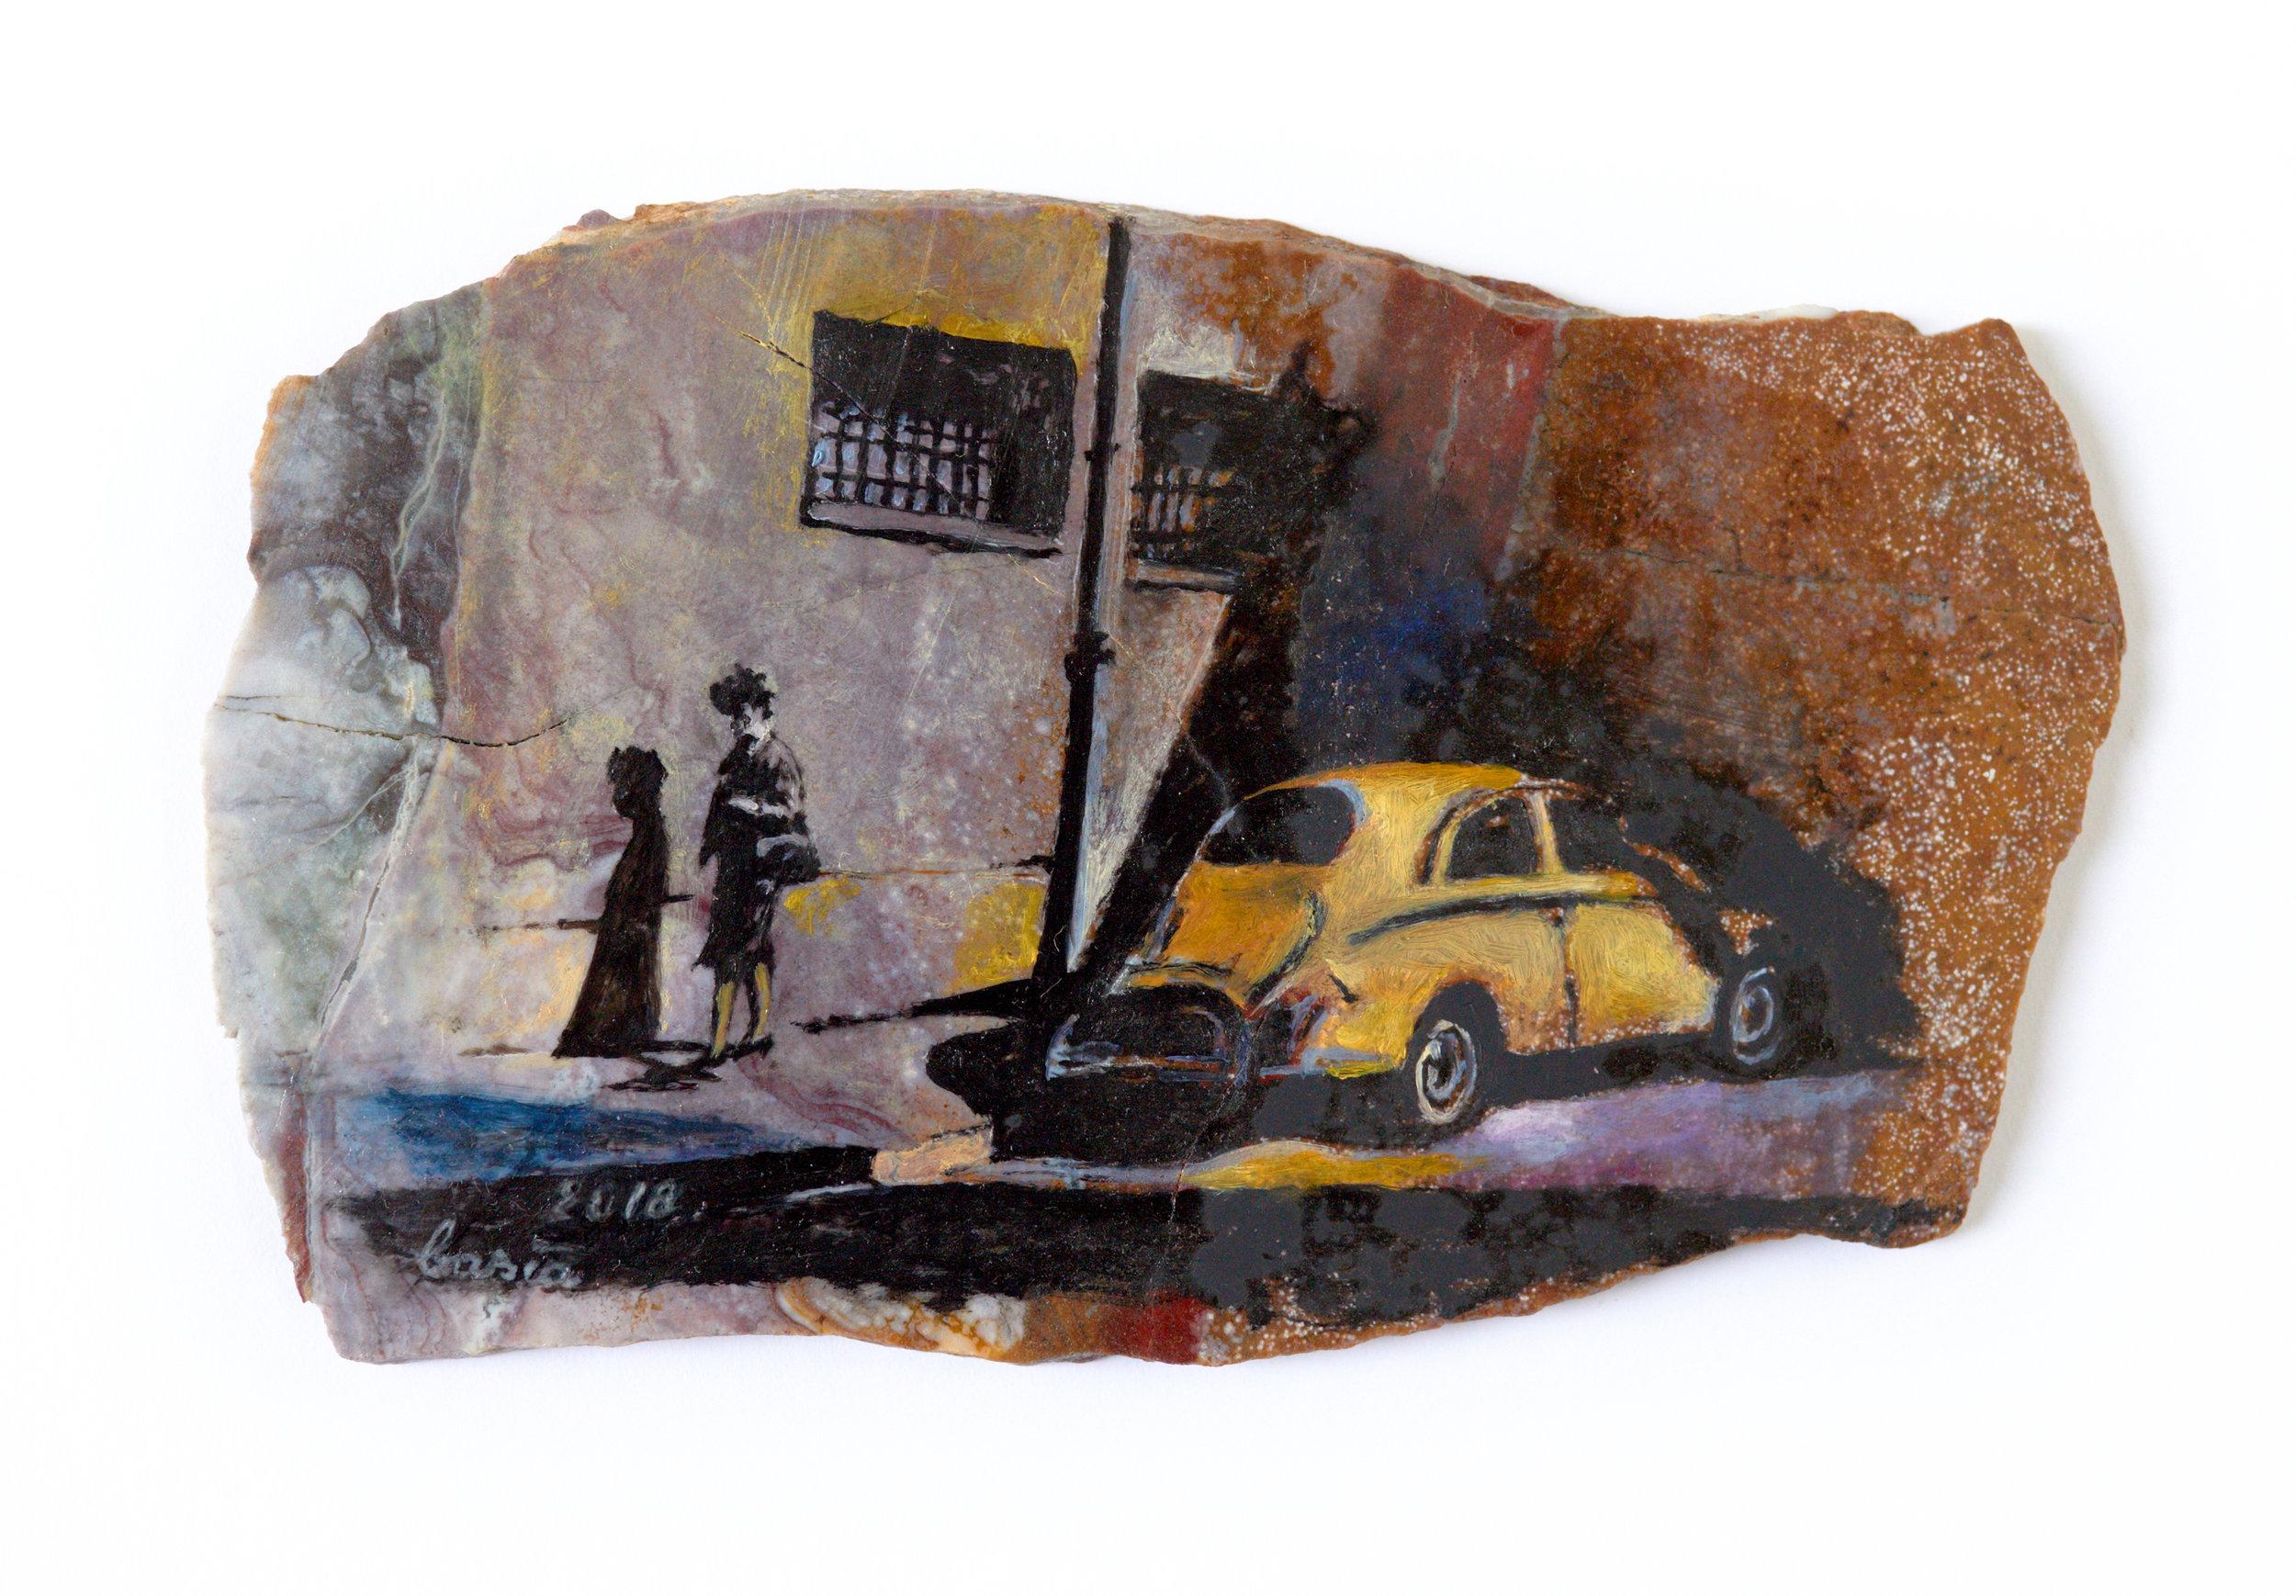 artist-basia-fine-artist-miniatures-oil-paintings_16.jpg